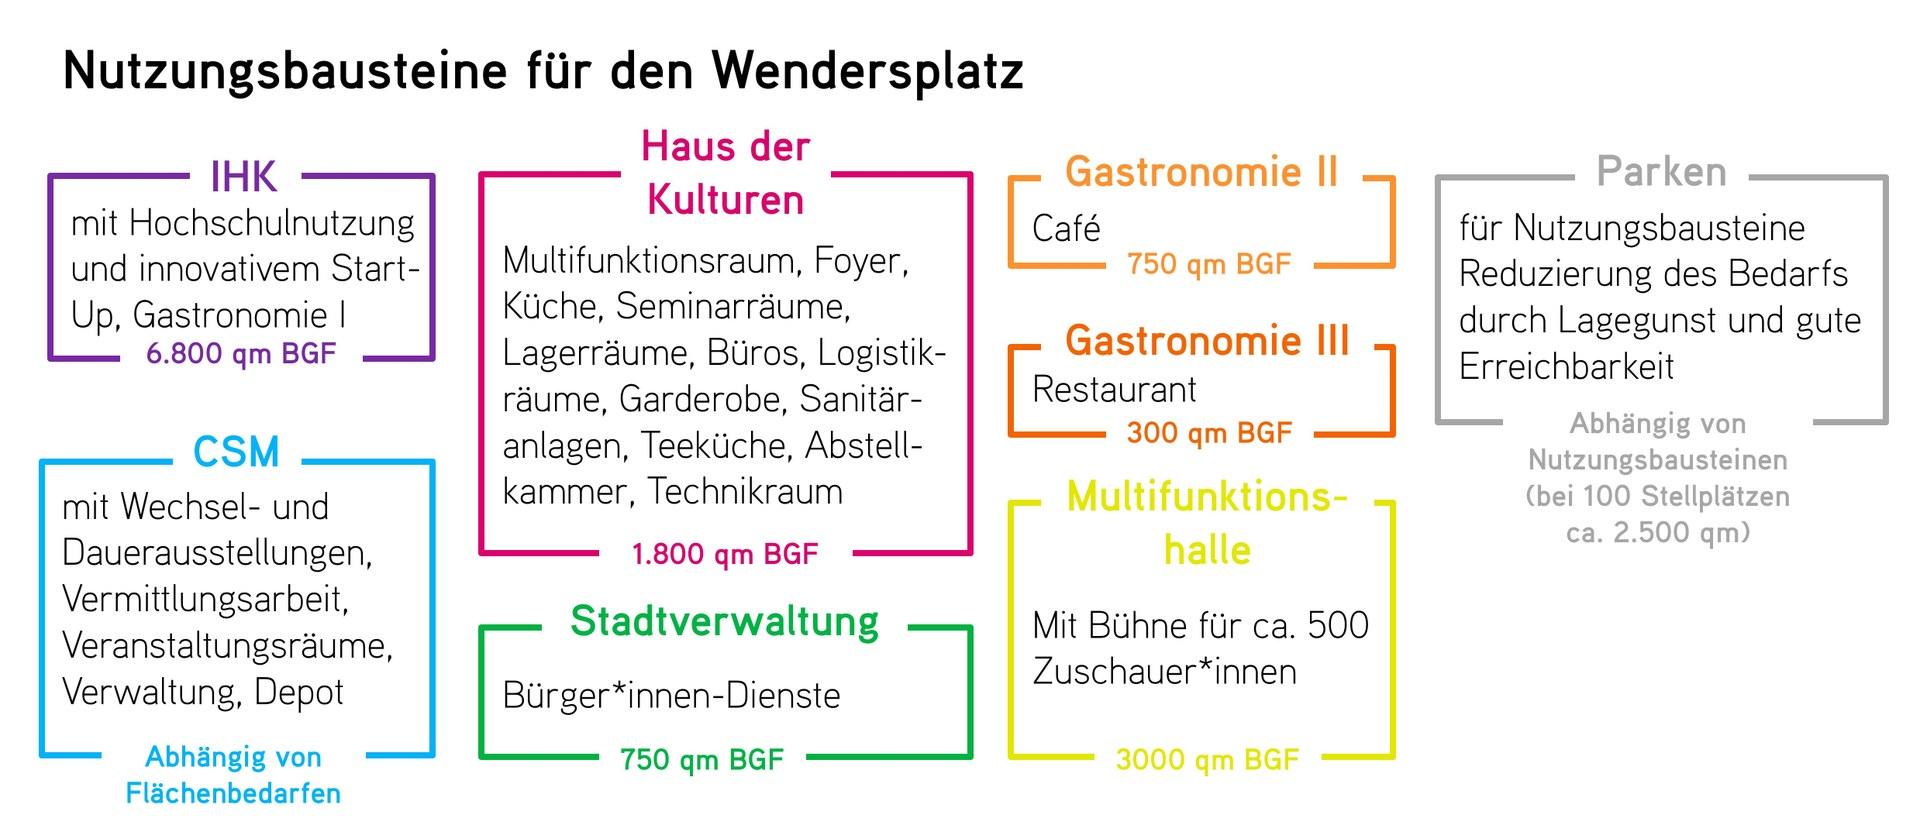 2604 Wendersplatz und Landesgartenschau 02 - Moegliche Nutzungsbausteine Wendersplatz.jpg